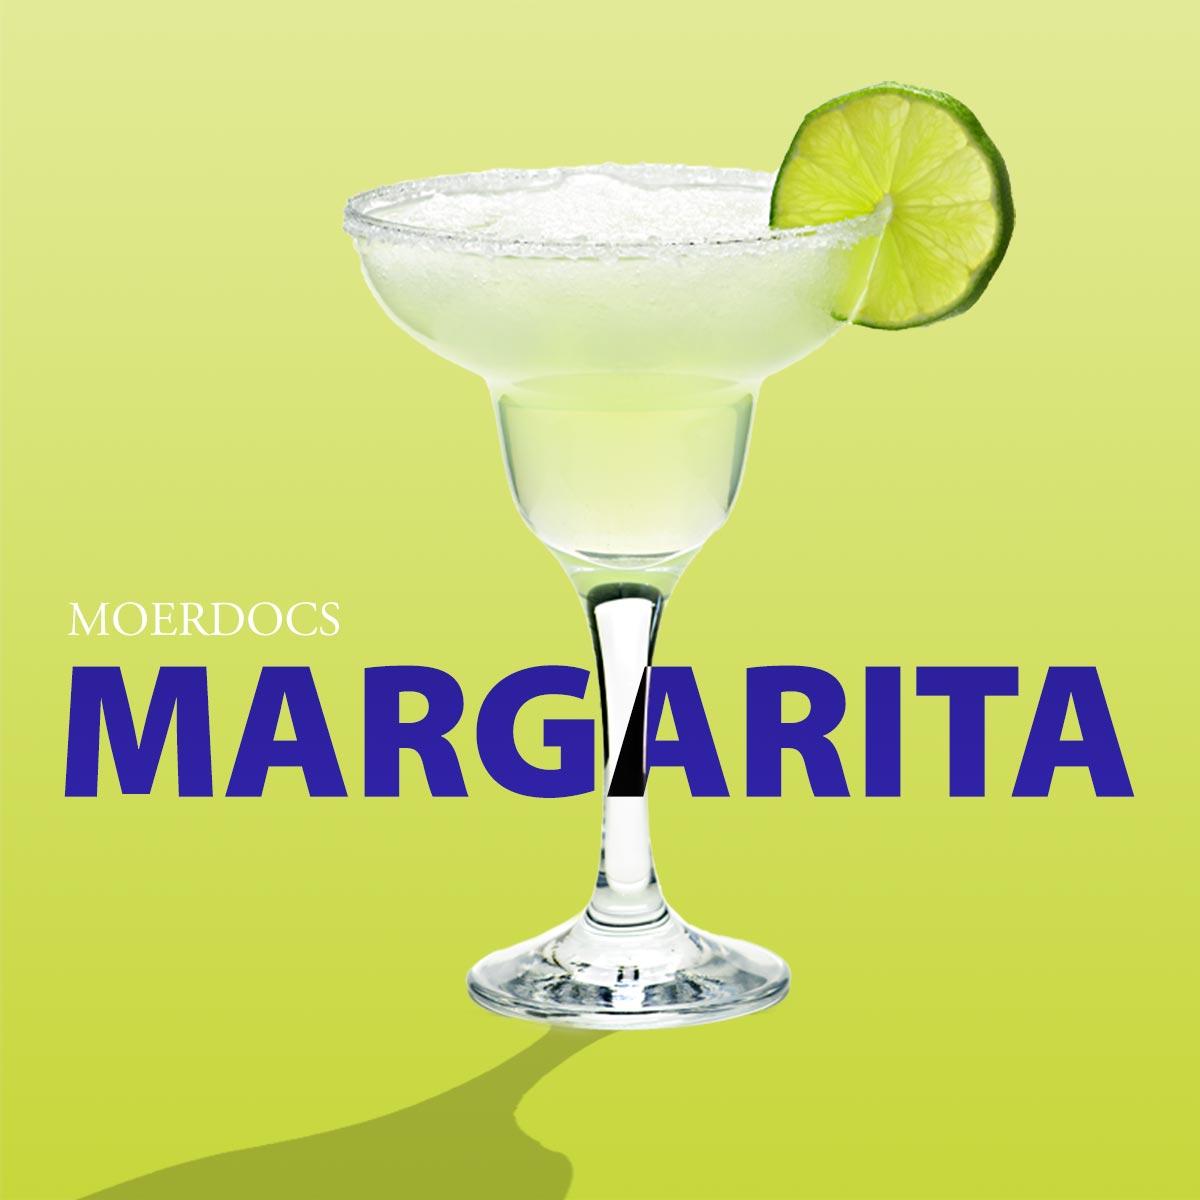 Moerdocs Margarita Hannover Cocktail